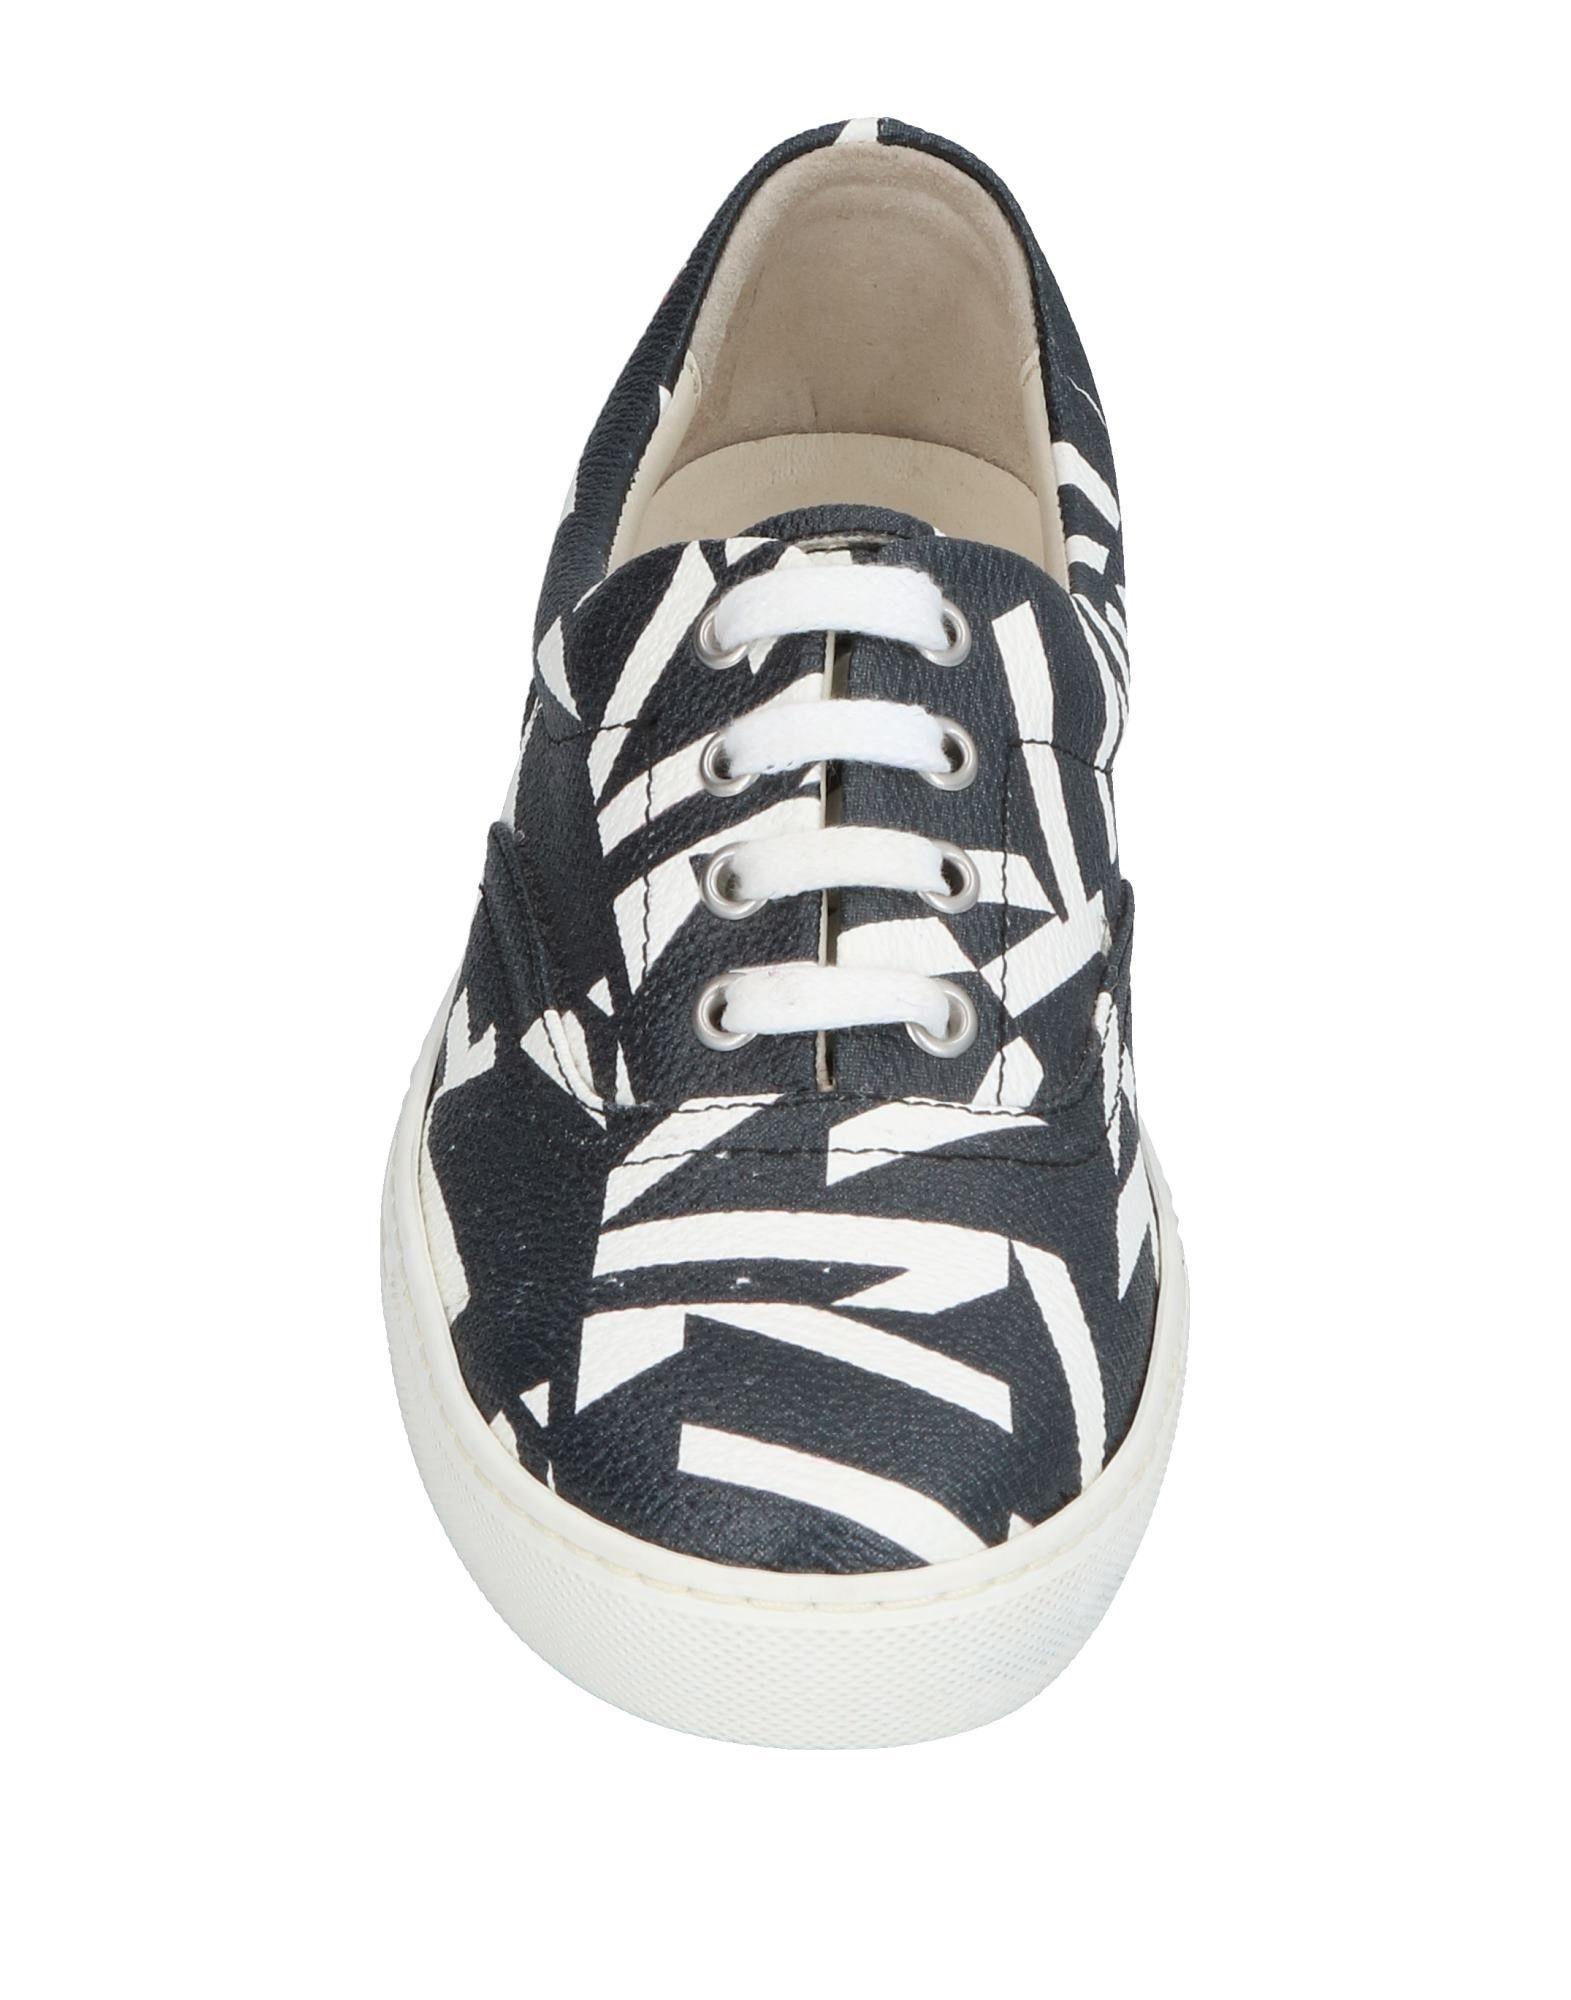 Jil Sander Navy Sneakers Damen  11411604JF Gute Qualität beliebte Schuhe